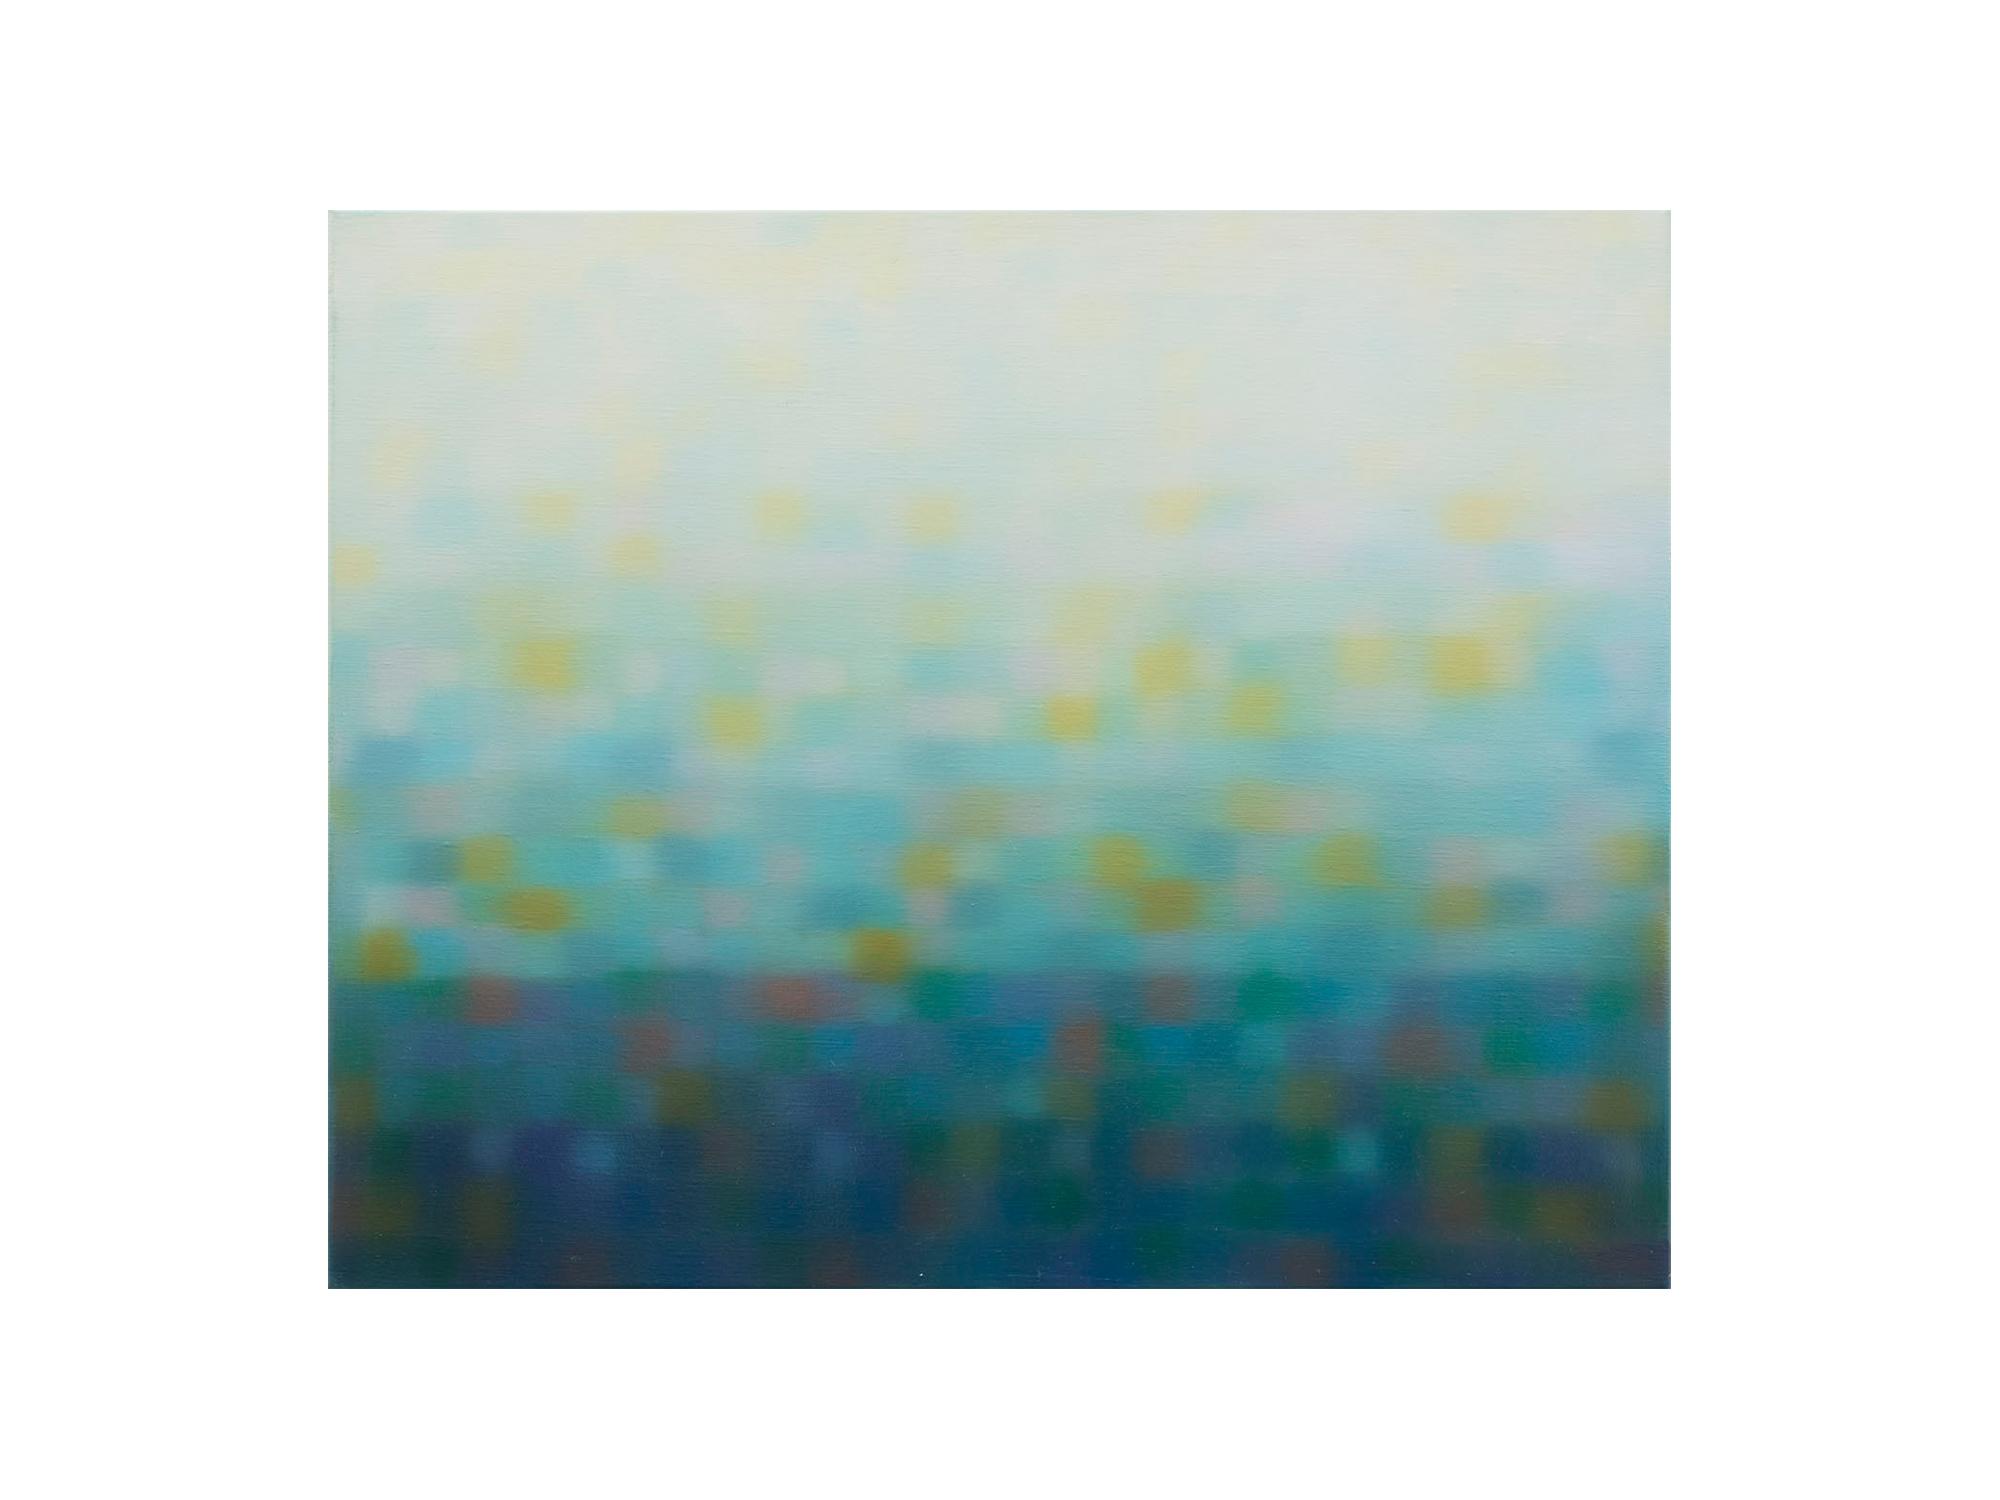 Matthew Johnson   Light Diminishment III  oil on linen 56 x 45cm   ARTIST BIO